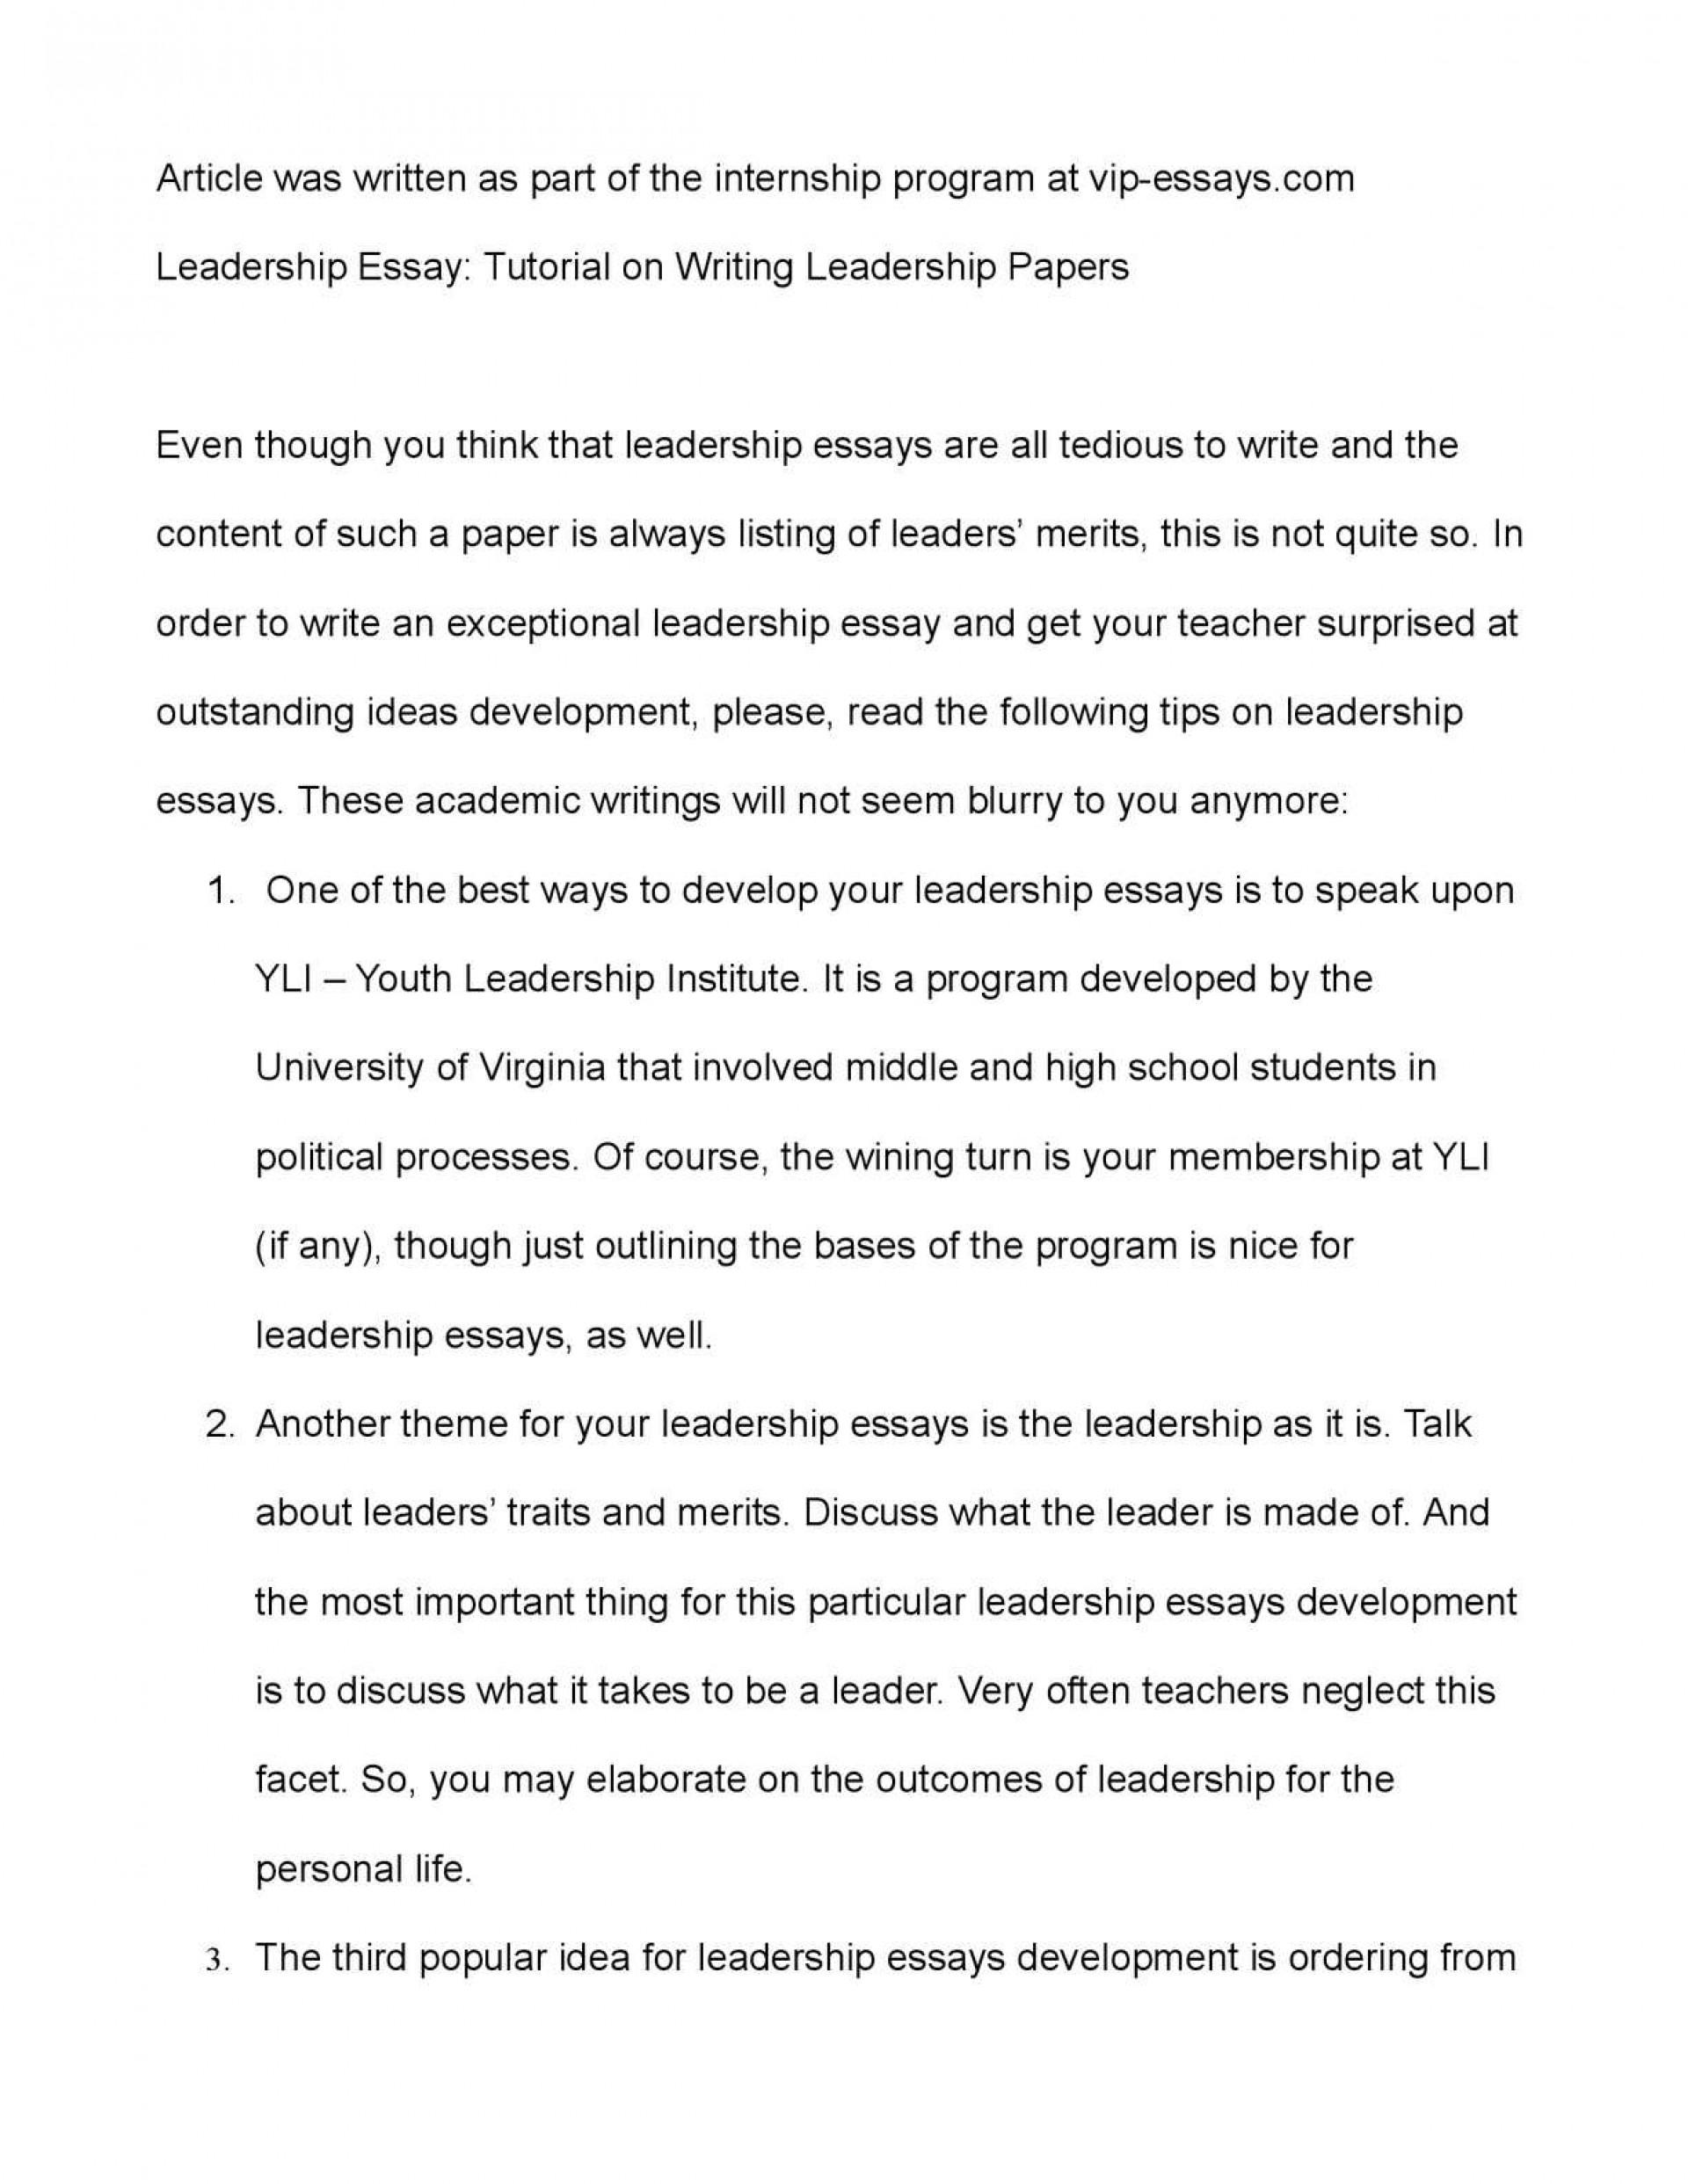 Leadership essays mba